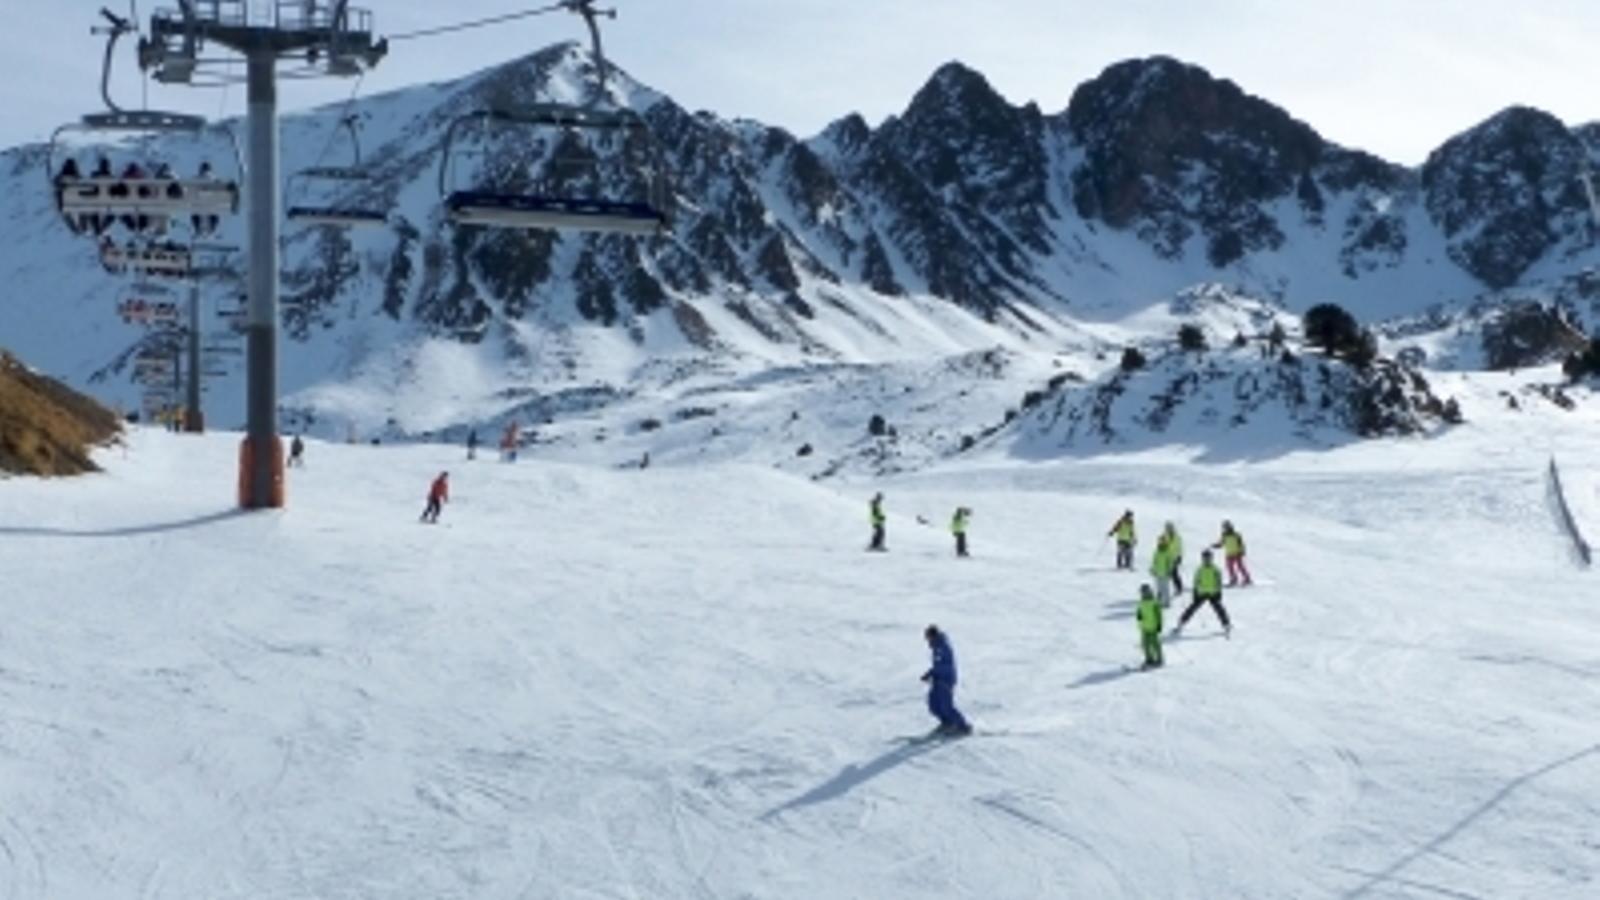 Saetde notifica a Ski Andorra que no vol continuar participant en l'esquí escolar